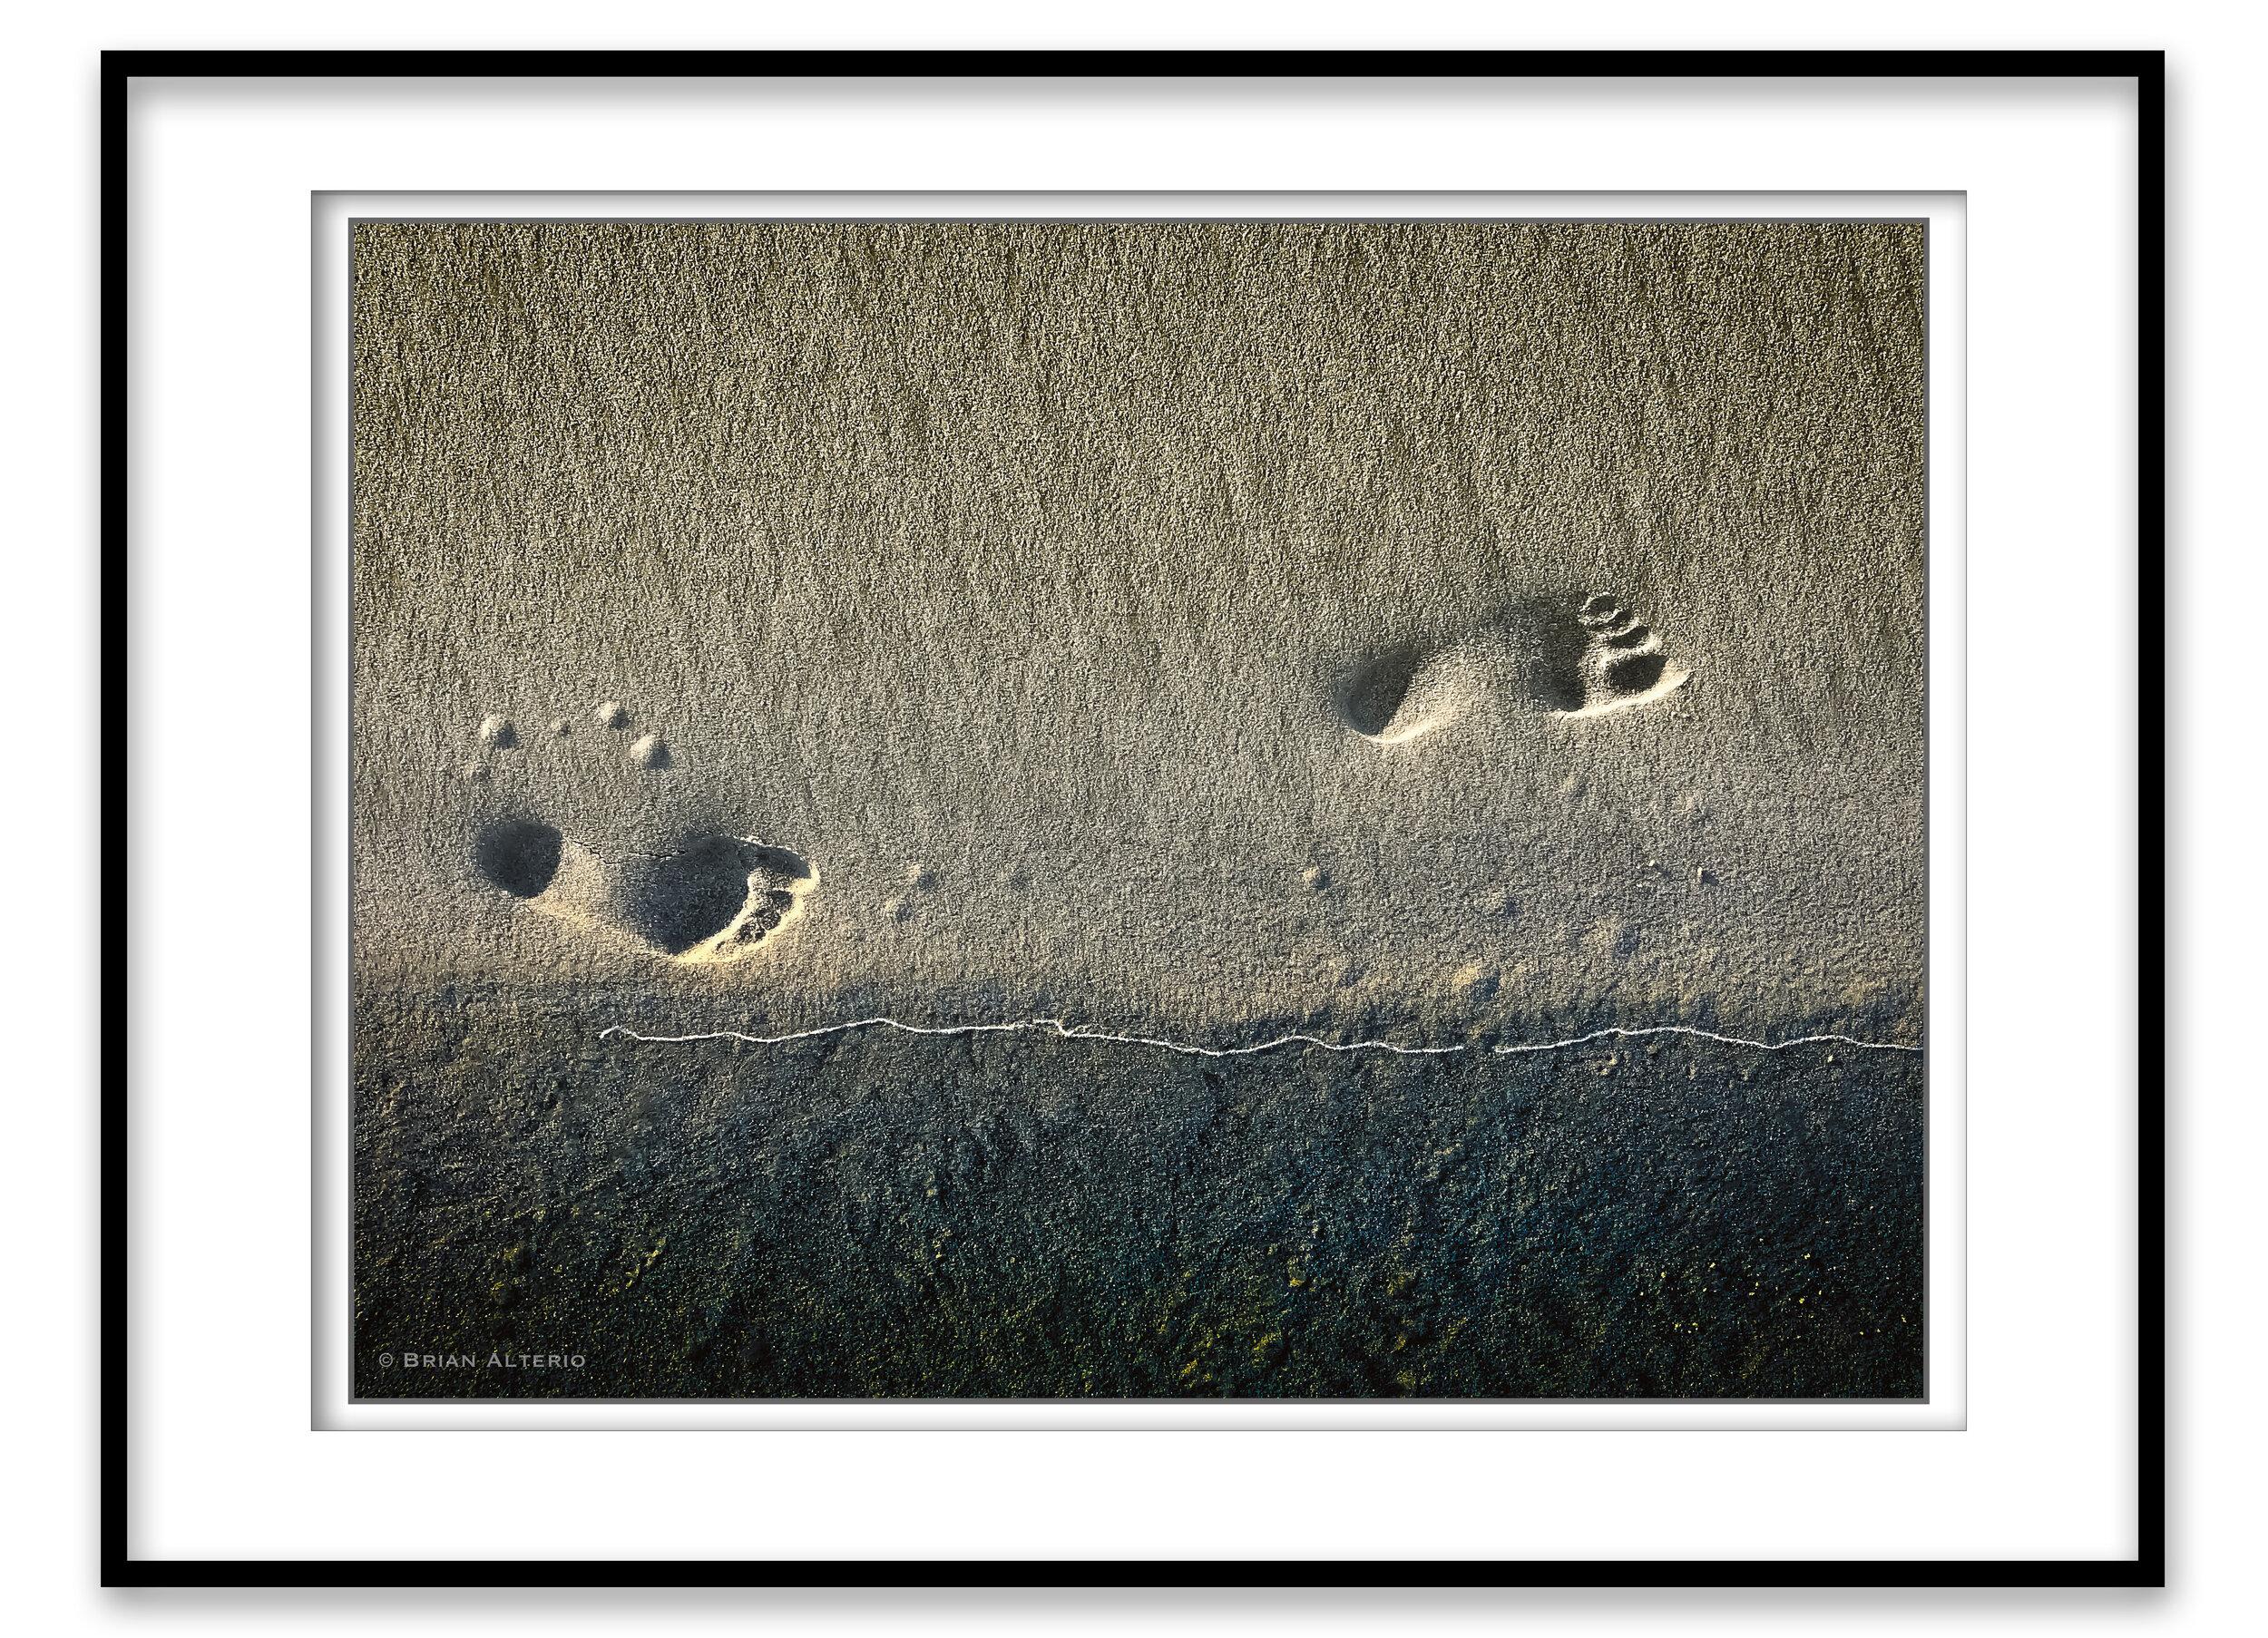 A Morning Walk On Brigantine Beach  - 9.29.19 Framed.jpg